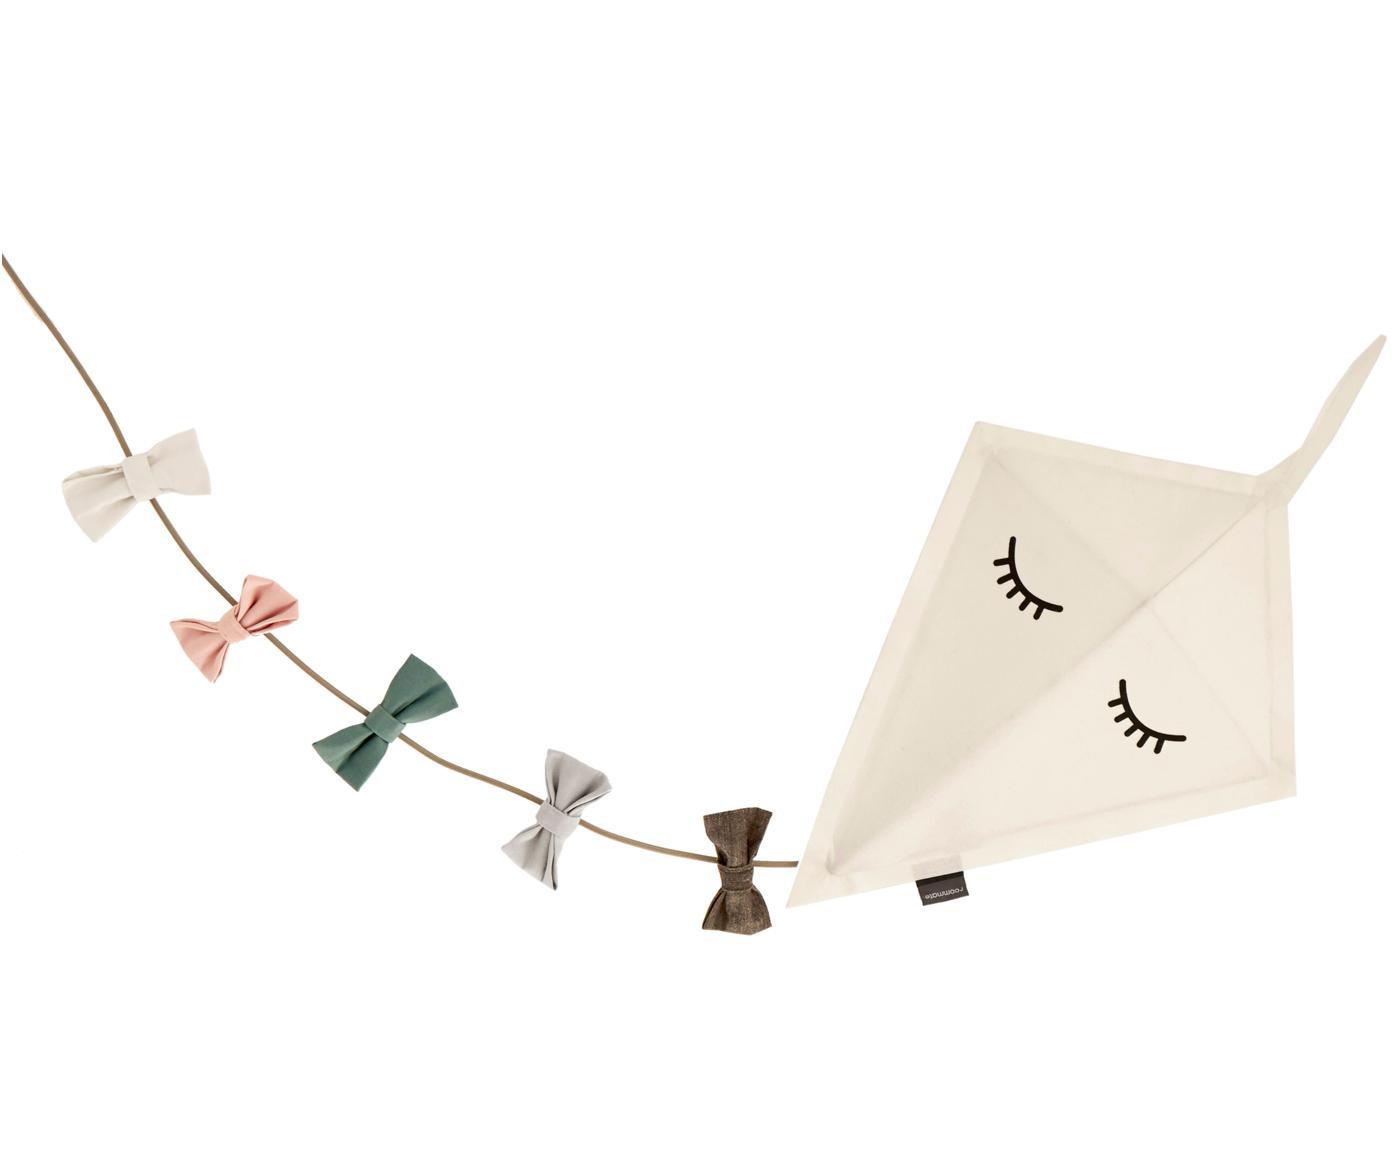 Aplique Kite con enchufe, Estructura: metal con pintura en polv, Blanco, multicolor, An 40 x Al 52 cm